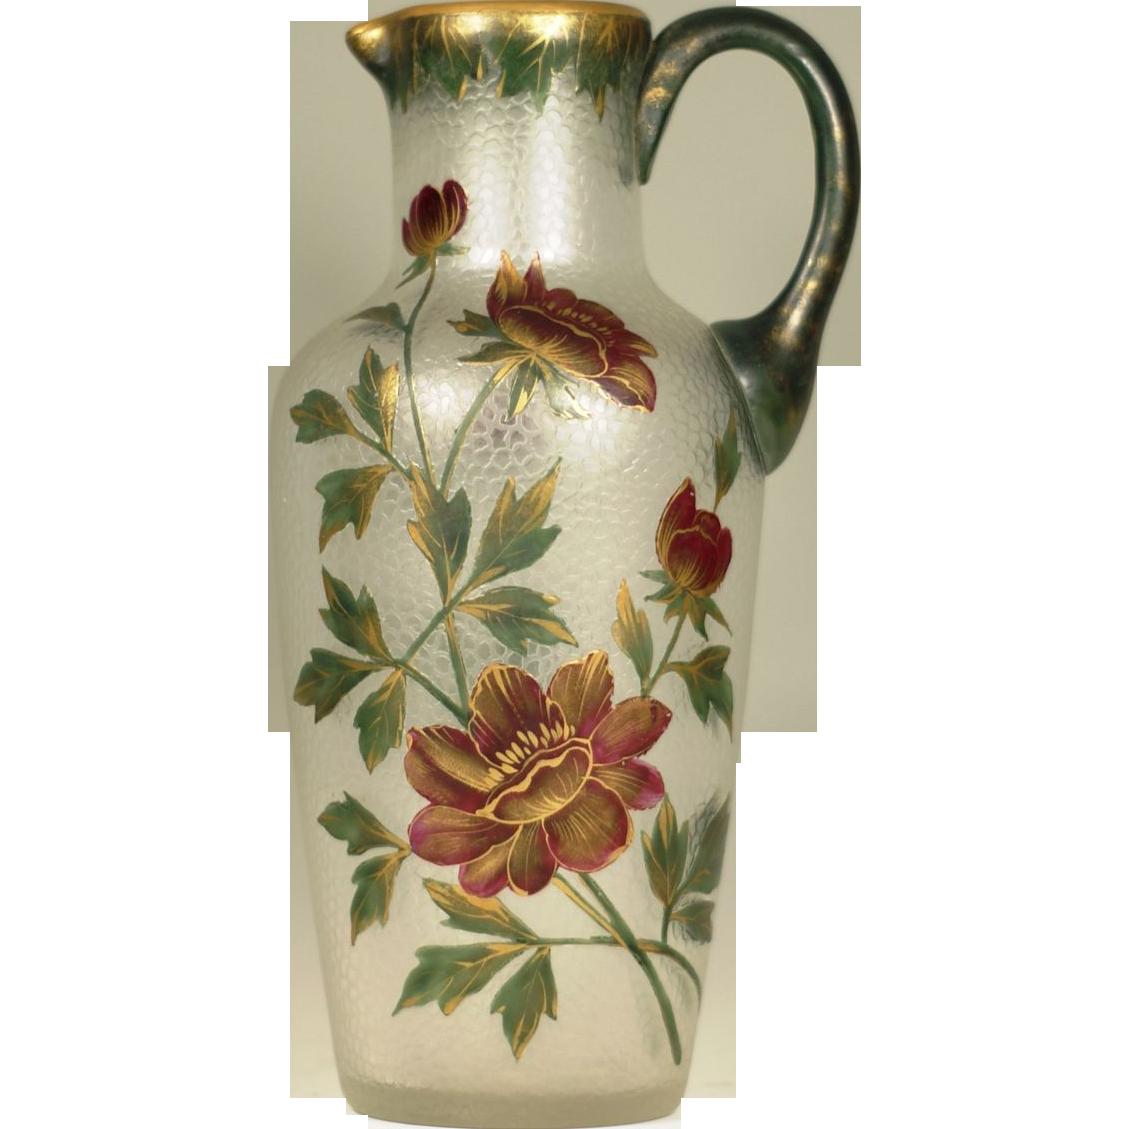 Baccarat Art Nouveau c.1900 Acid Cut Back Cameo Glass Museum Quality